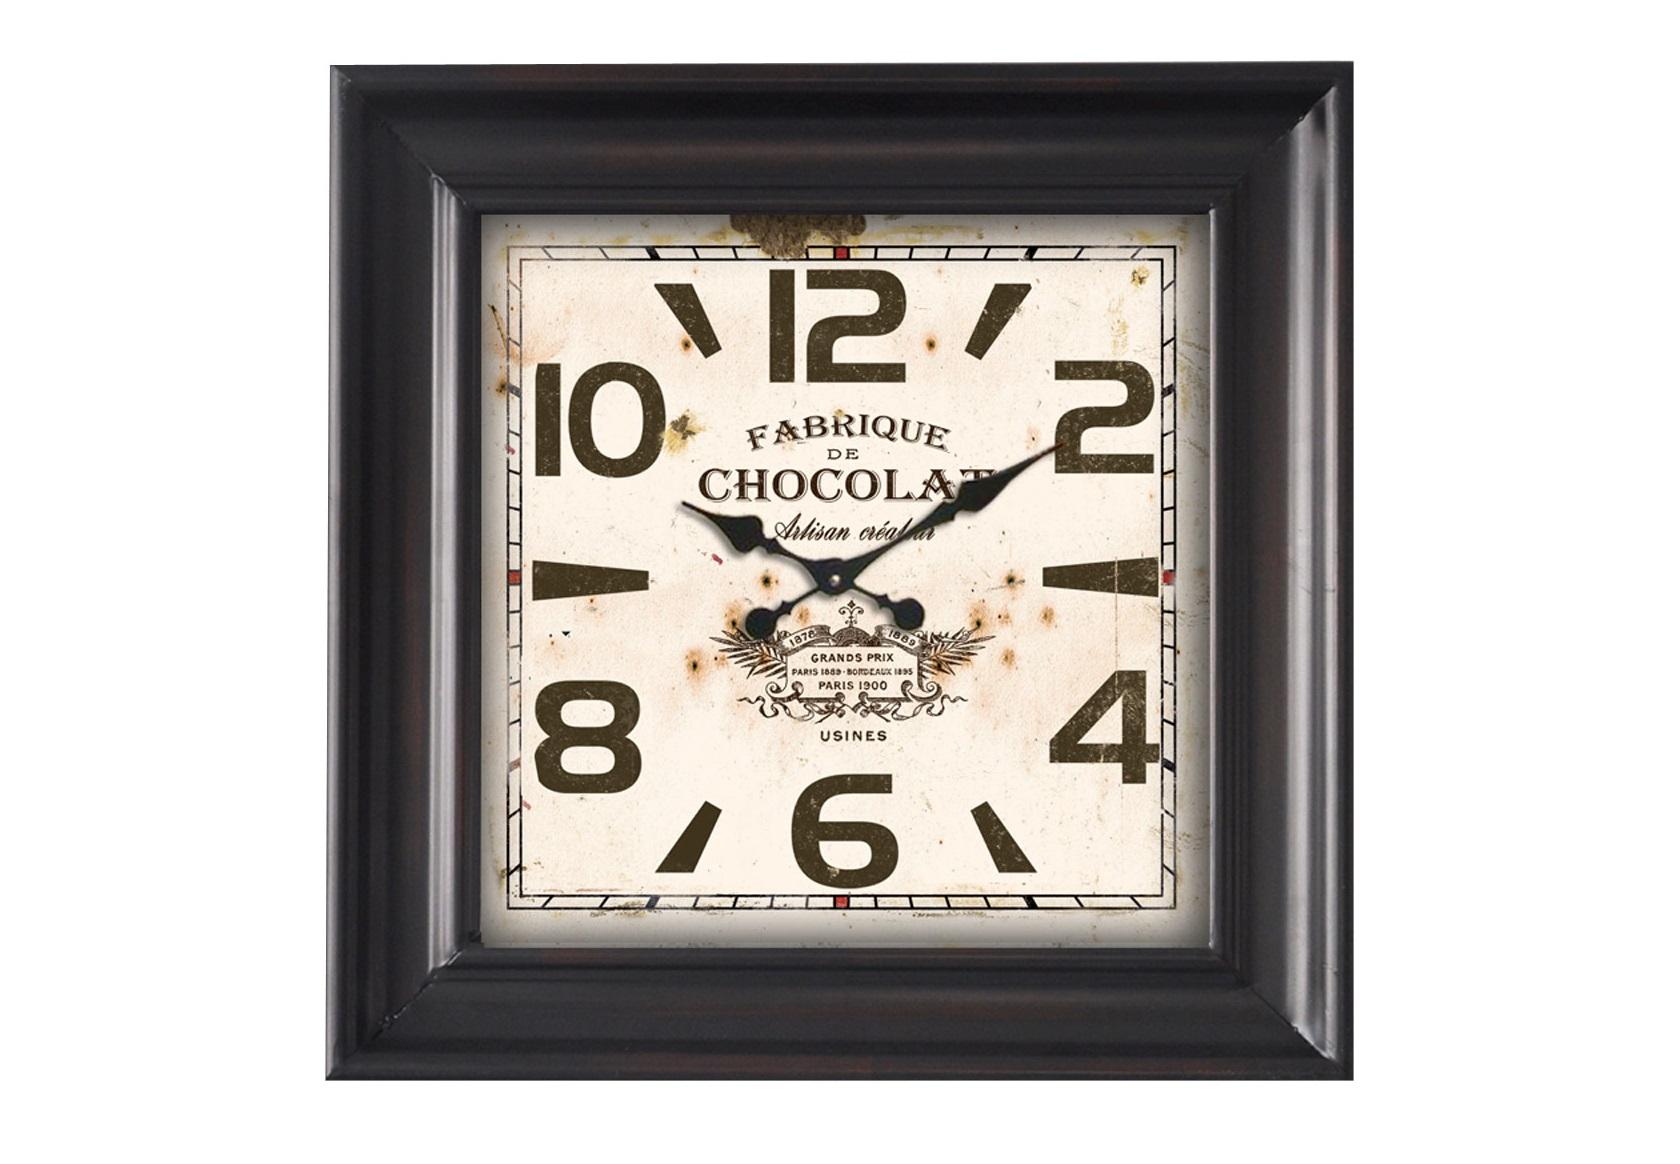 Настенные часы ChocolatНастенные часы<br>Батарейки типа AА.<br><br>Material: Железо<br>Ширина см: 47<br>Высота см: 47<br>Глубина см: 9